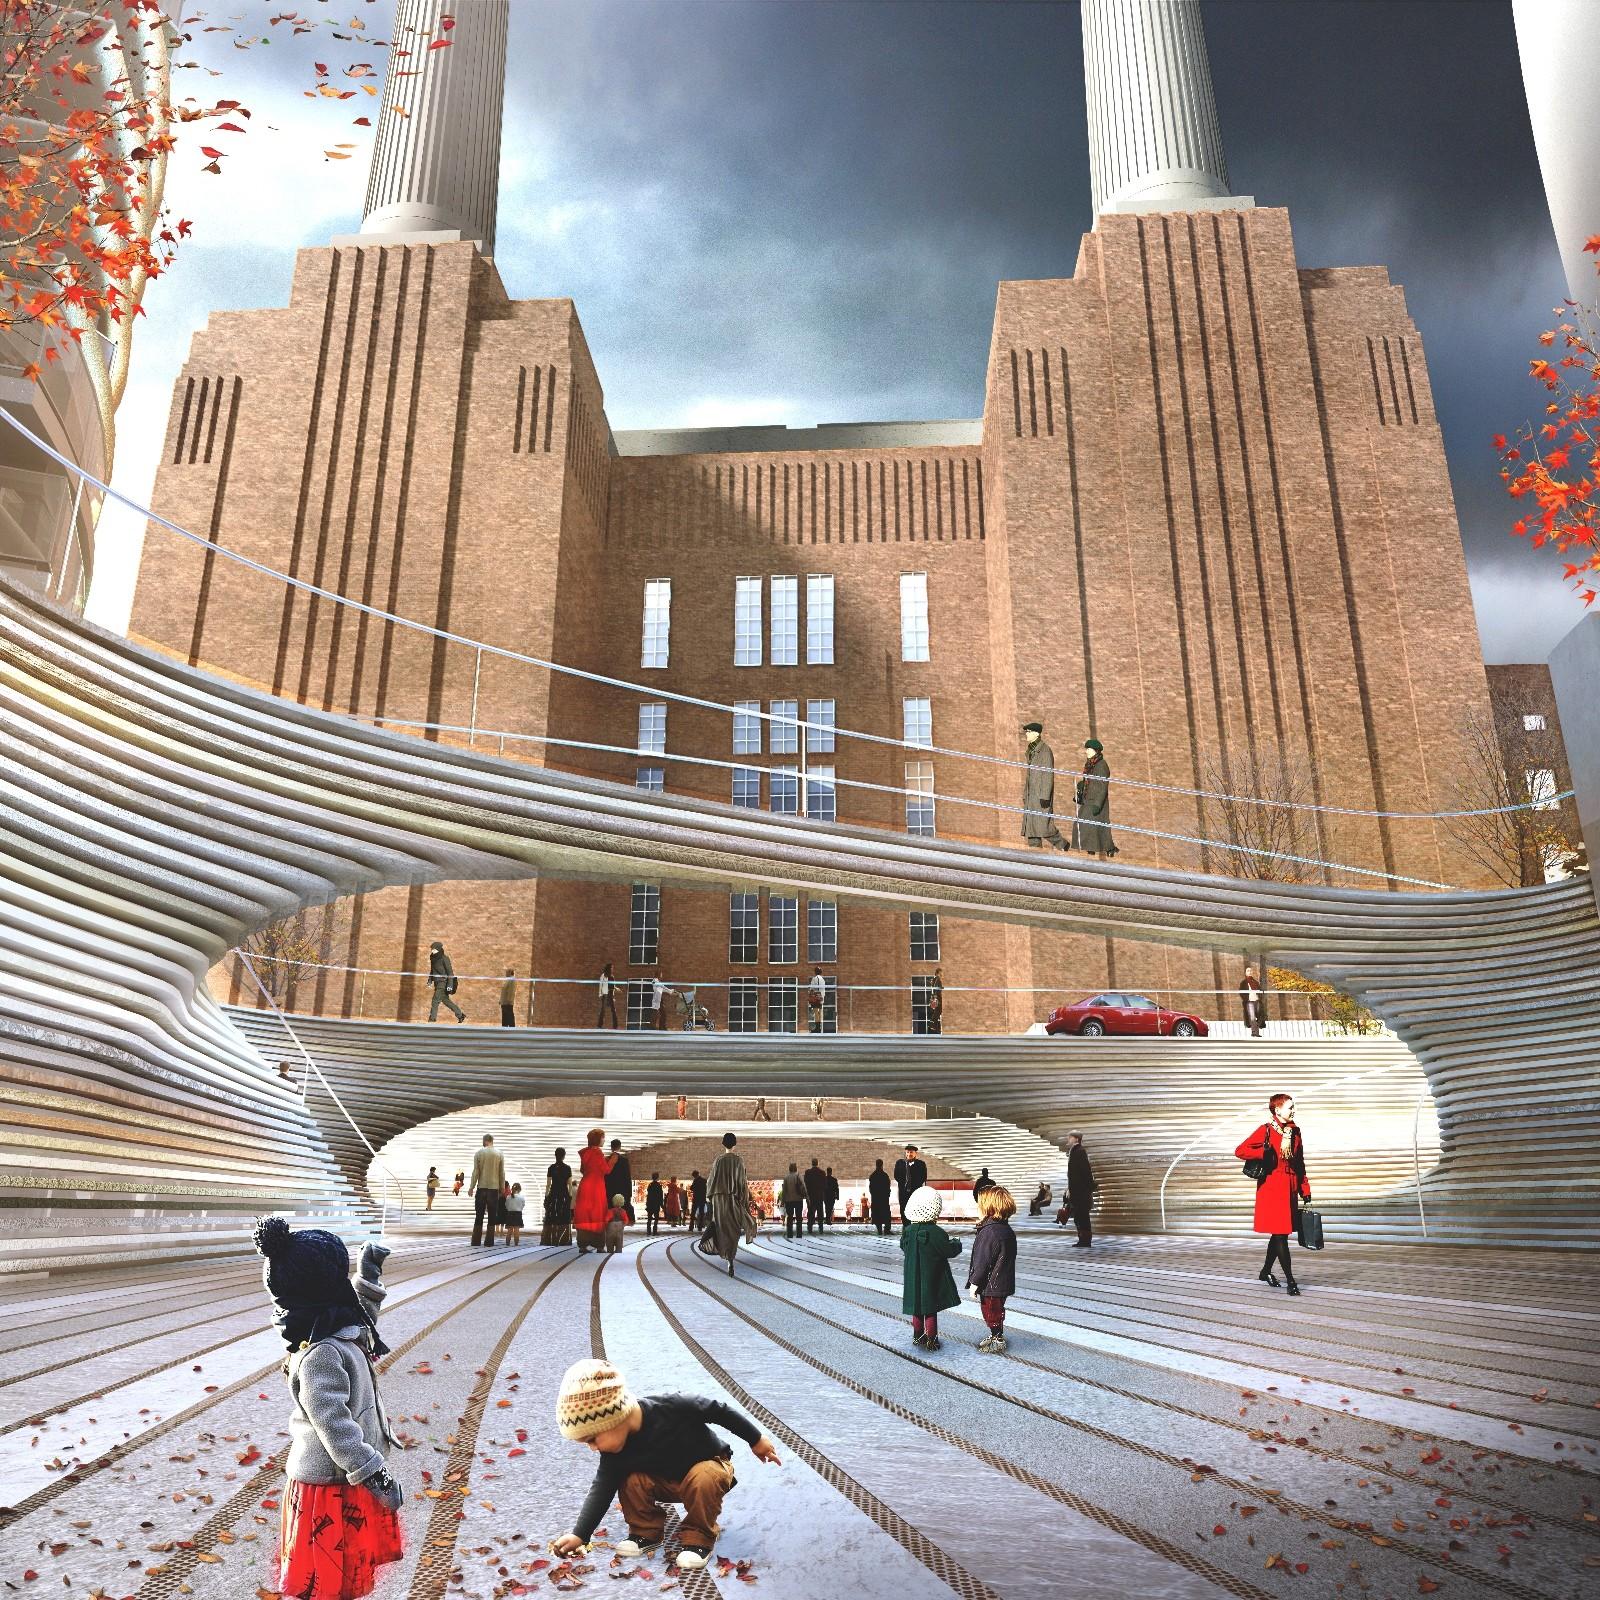 BIG revela diseño para la plaza de Battersea Power Station, Cortesía de Battersea Power Station Development Company